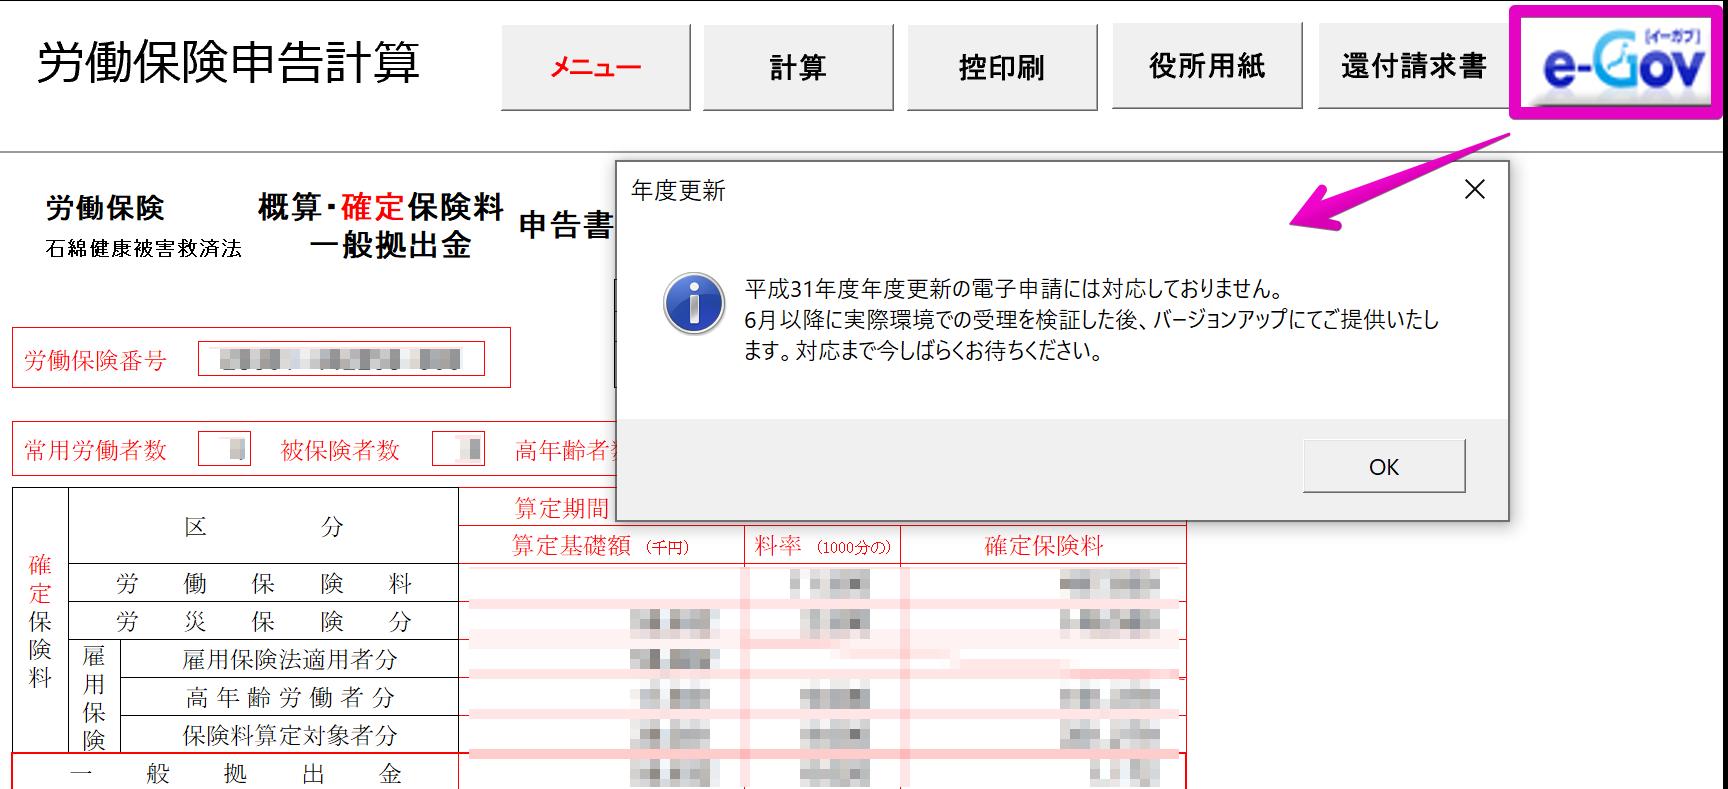 年度更新申告書計算の画面にある「e-Gov」ボタンから電子申請に進めない